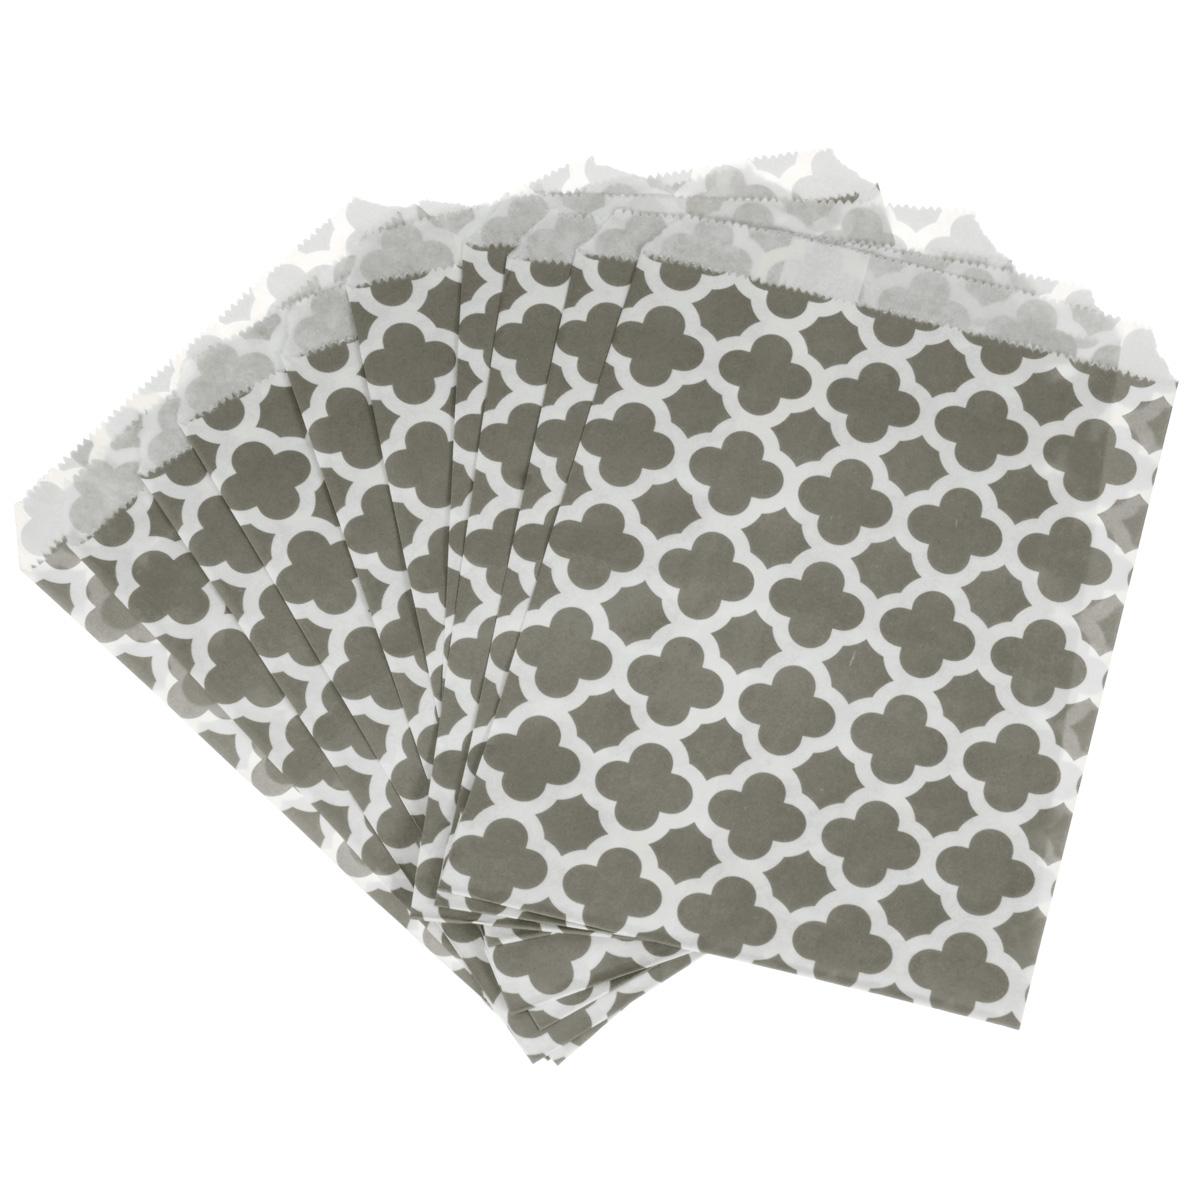 Пакеты бумажные Dolce Arti Arabesque, для выпекания, цвет: серый, 10 шт115510Бумажные пакеты Dolce Arti Arabesque очень многофункциональны. Их можно использовать насколько хватит вашей фантазии: для выпекания, для упаковки маленьких подарков, сладостей и многого другого. Размер: 13 см х 18 см.